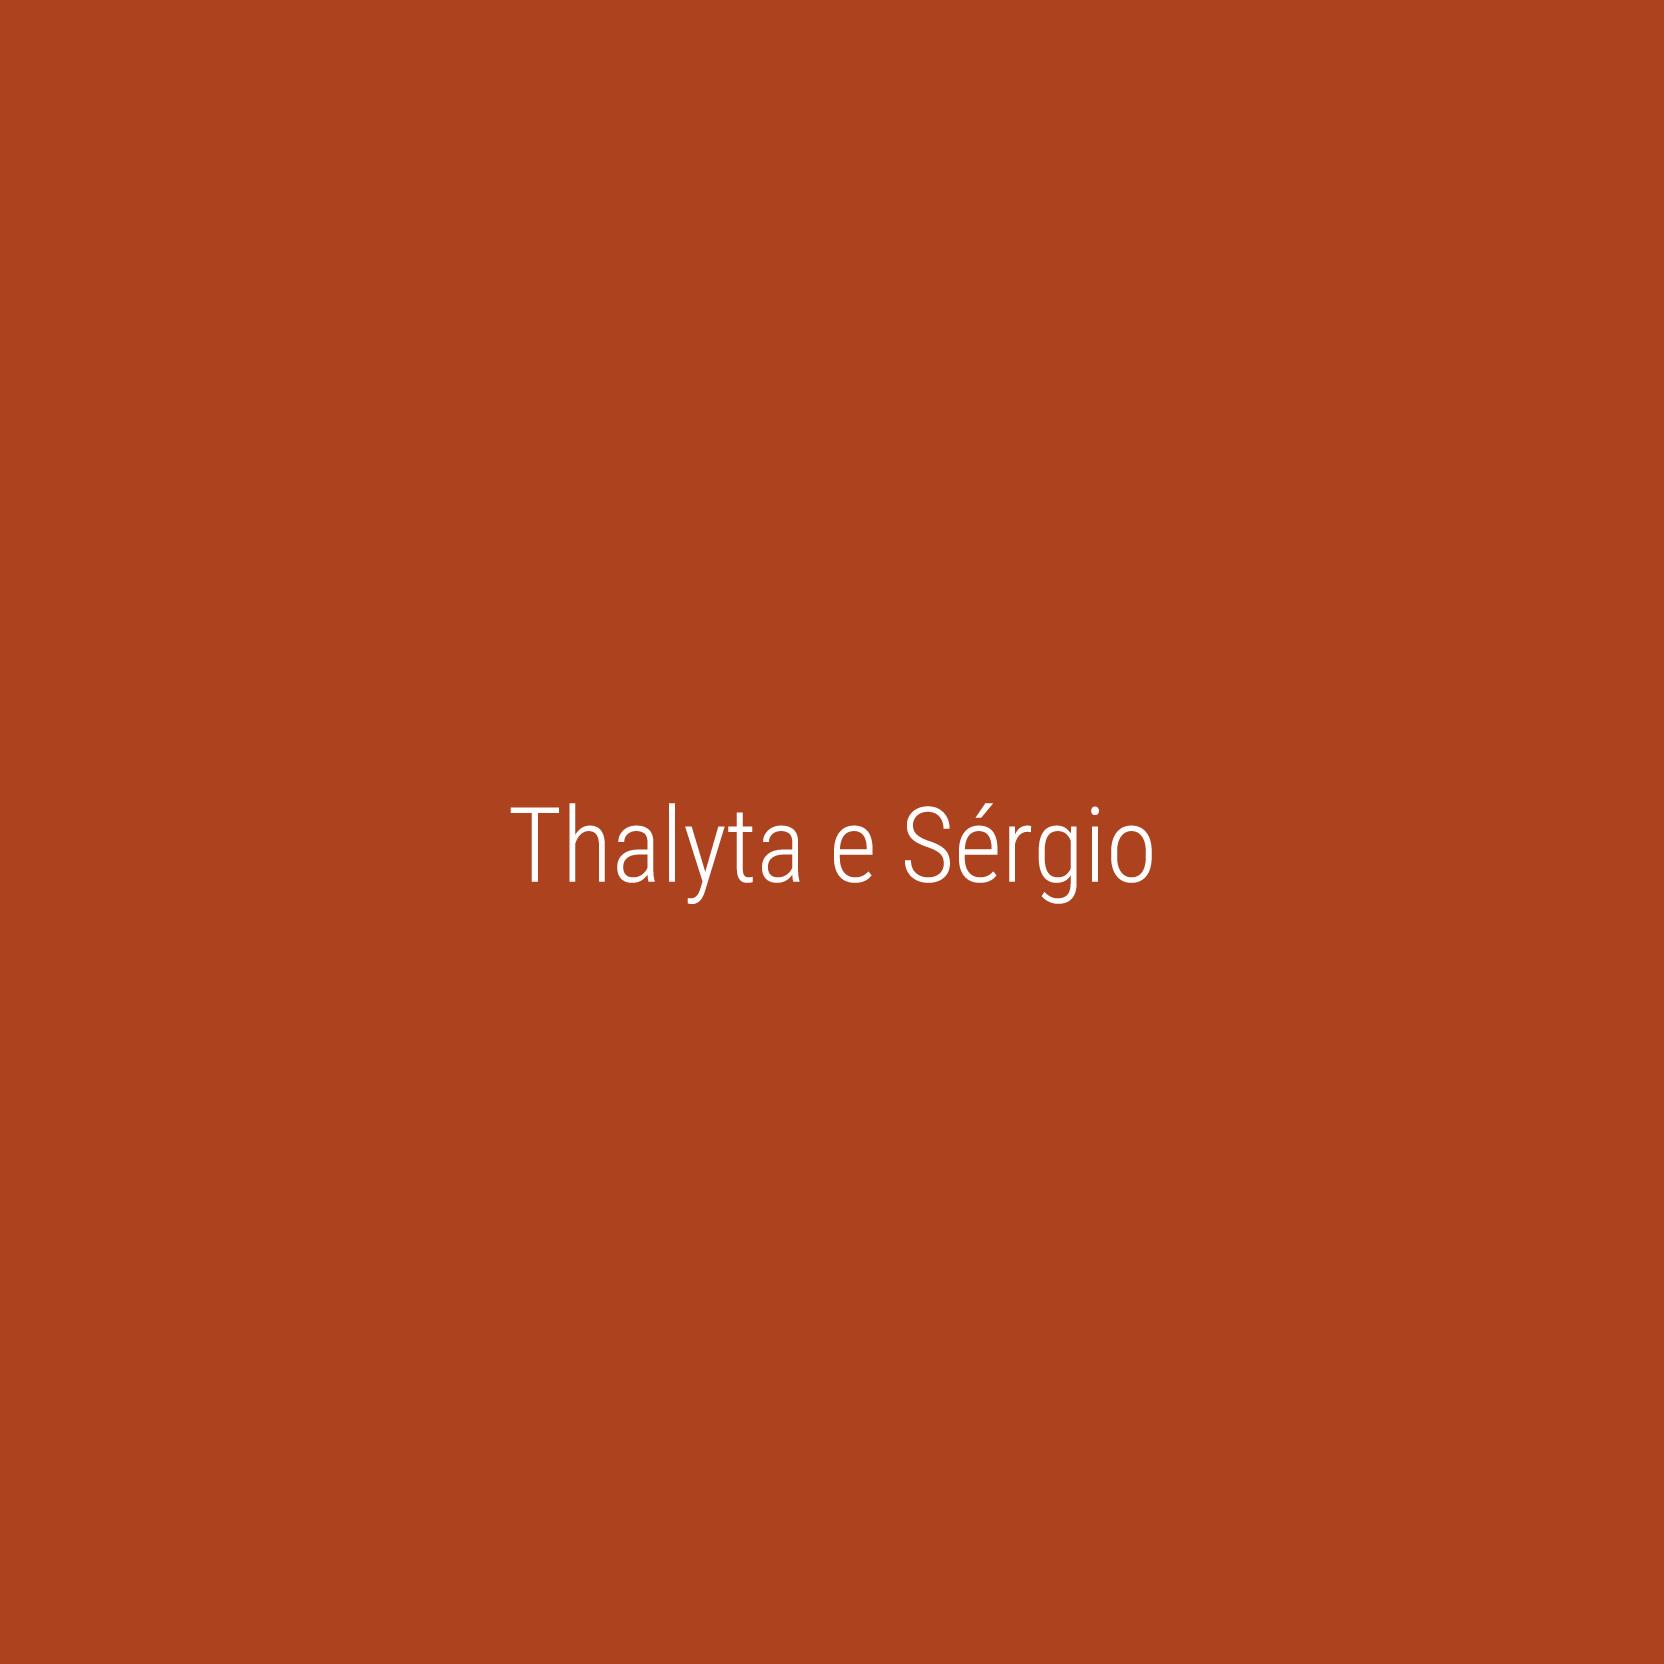 Thalyta e Sérgio